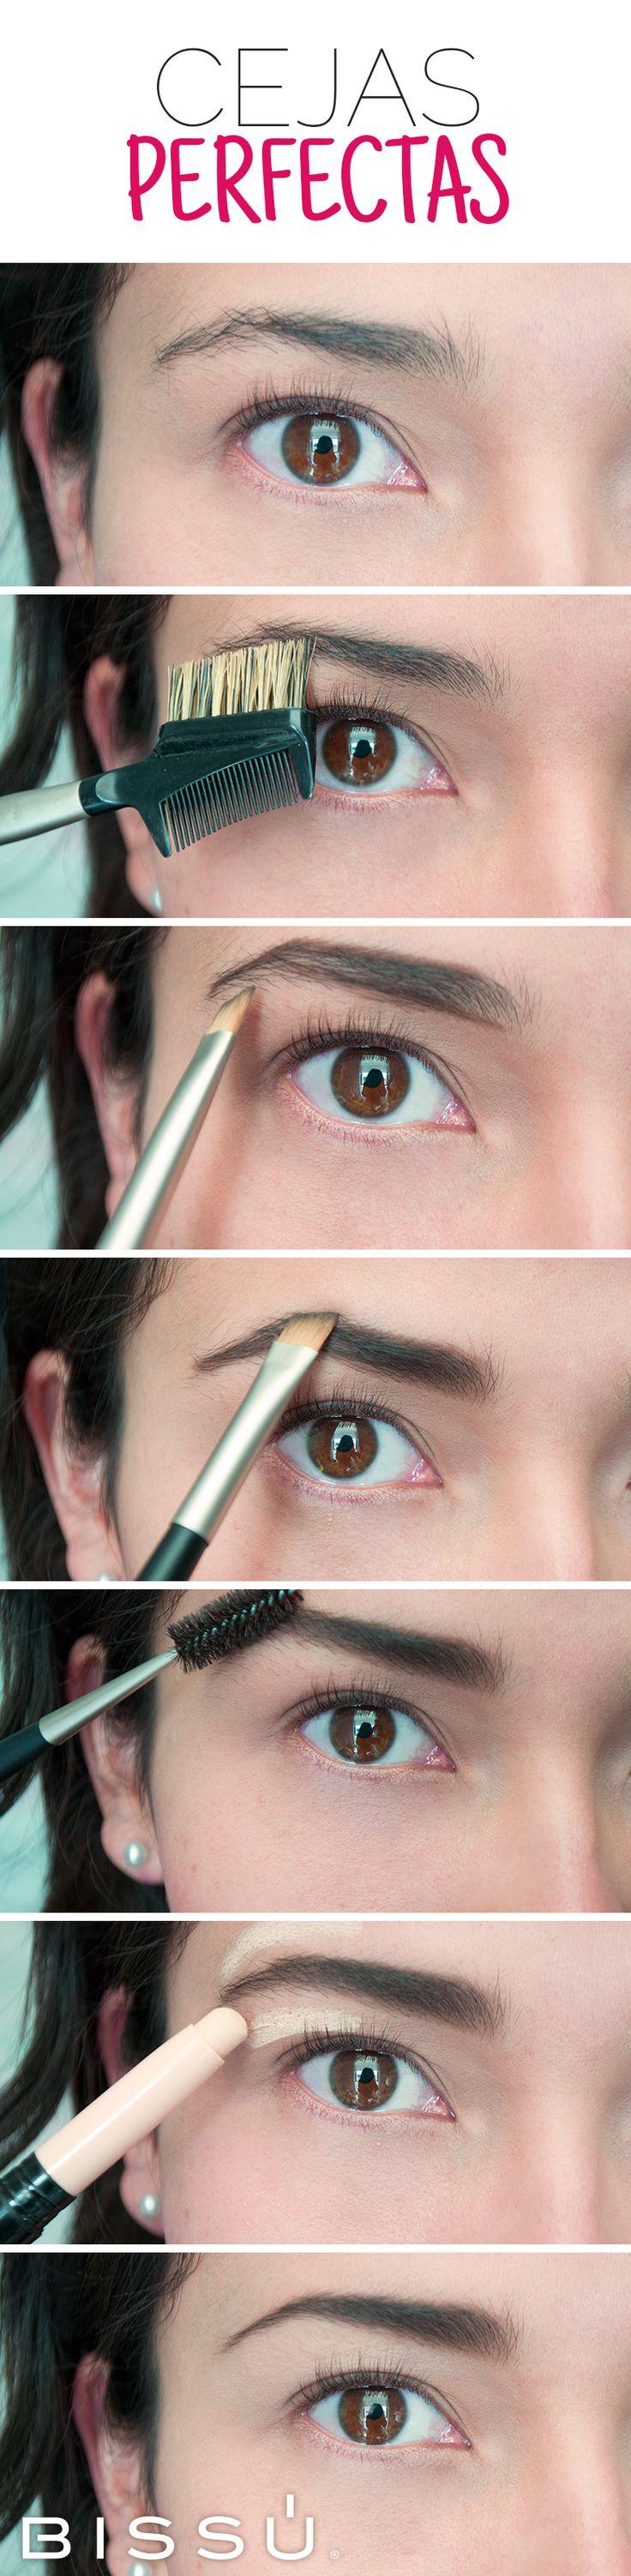 Las cejas son el marco de tu rostro, mantenlas perfectas con esta guía.